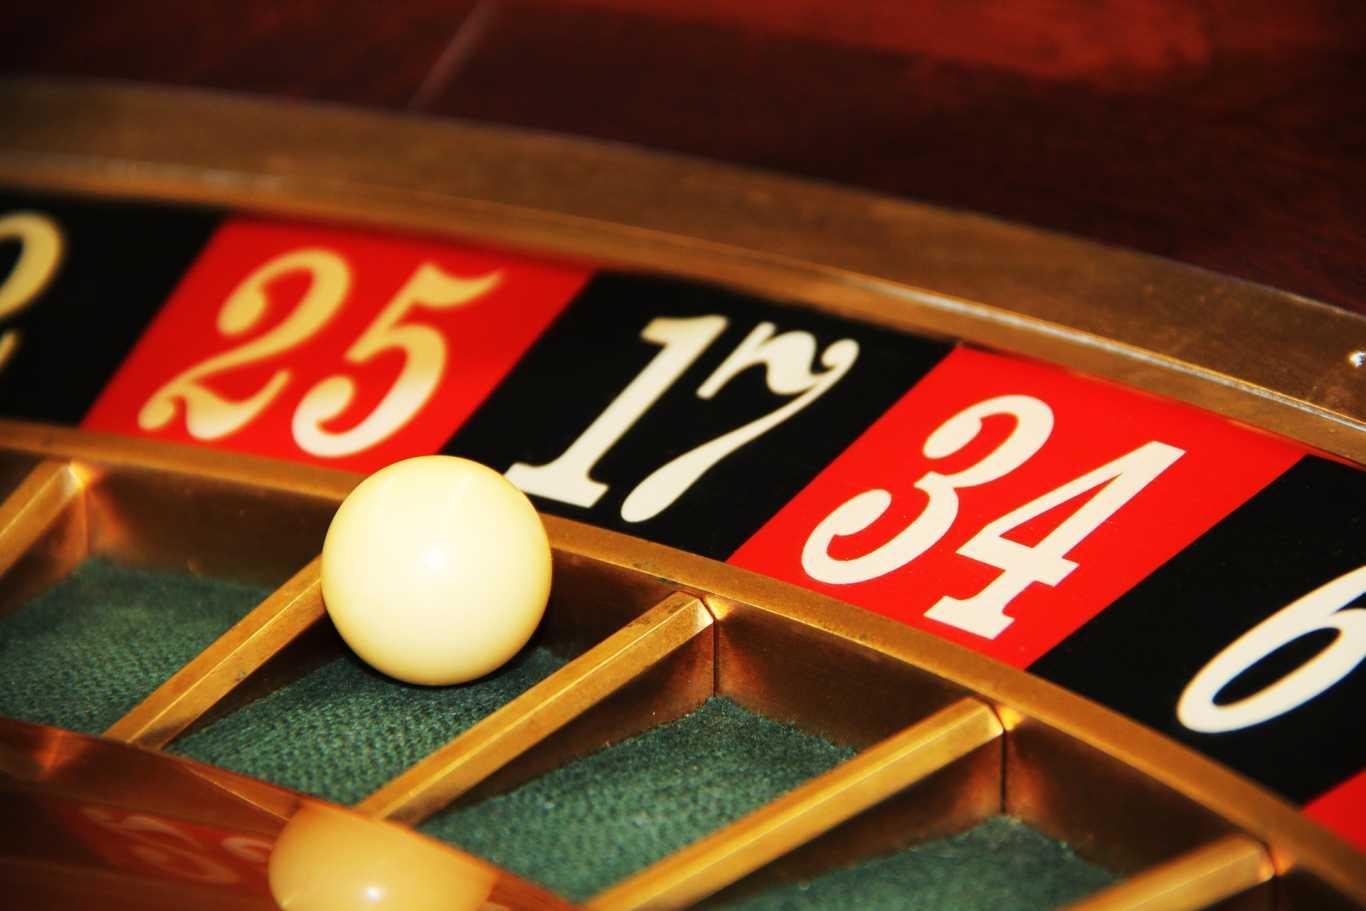 Soccabet mobile app casino